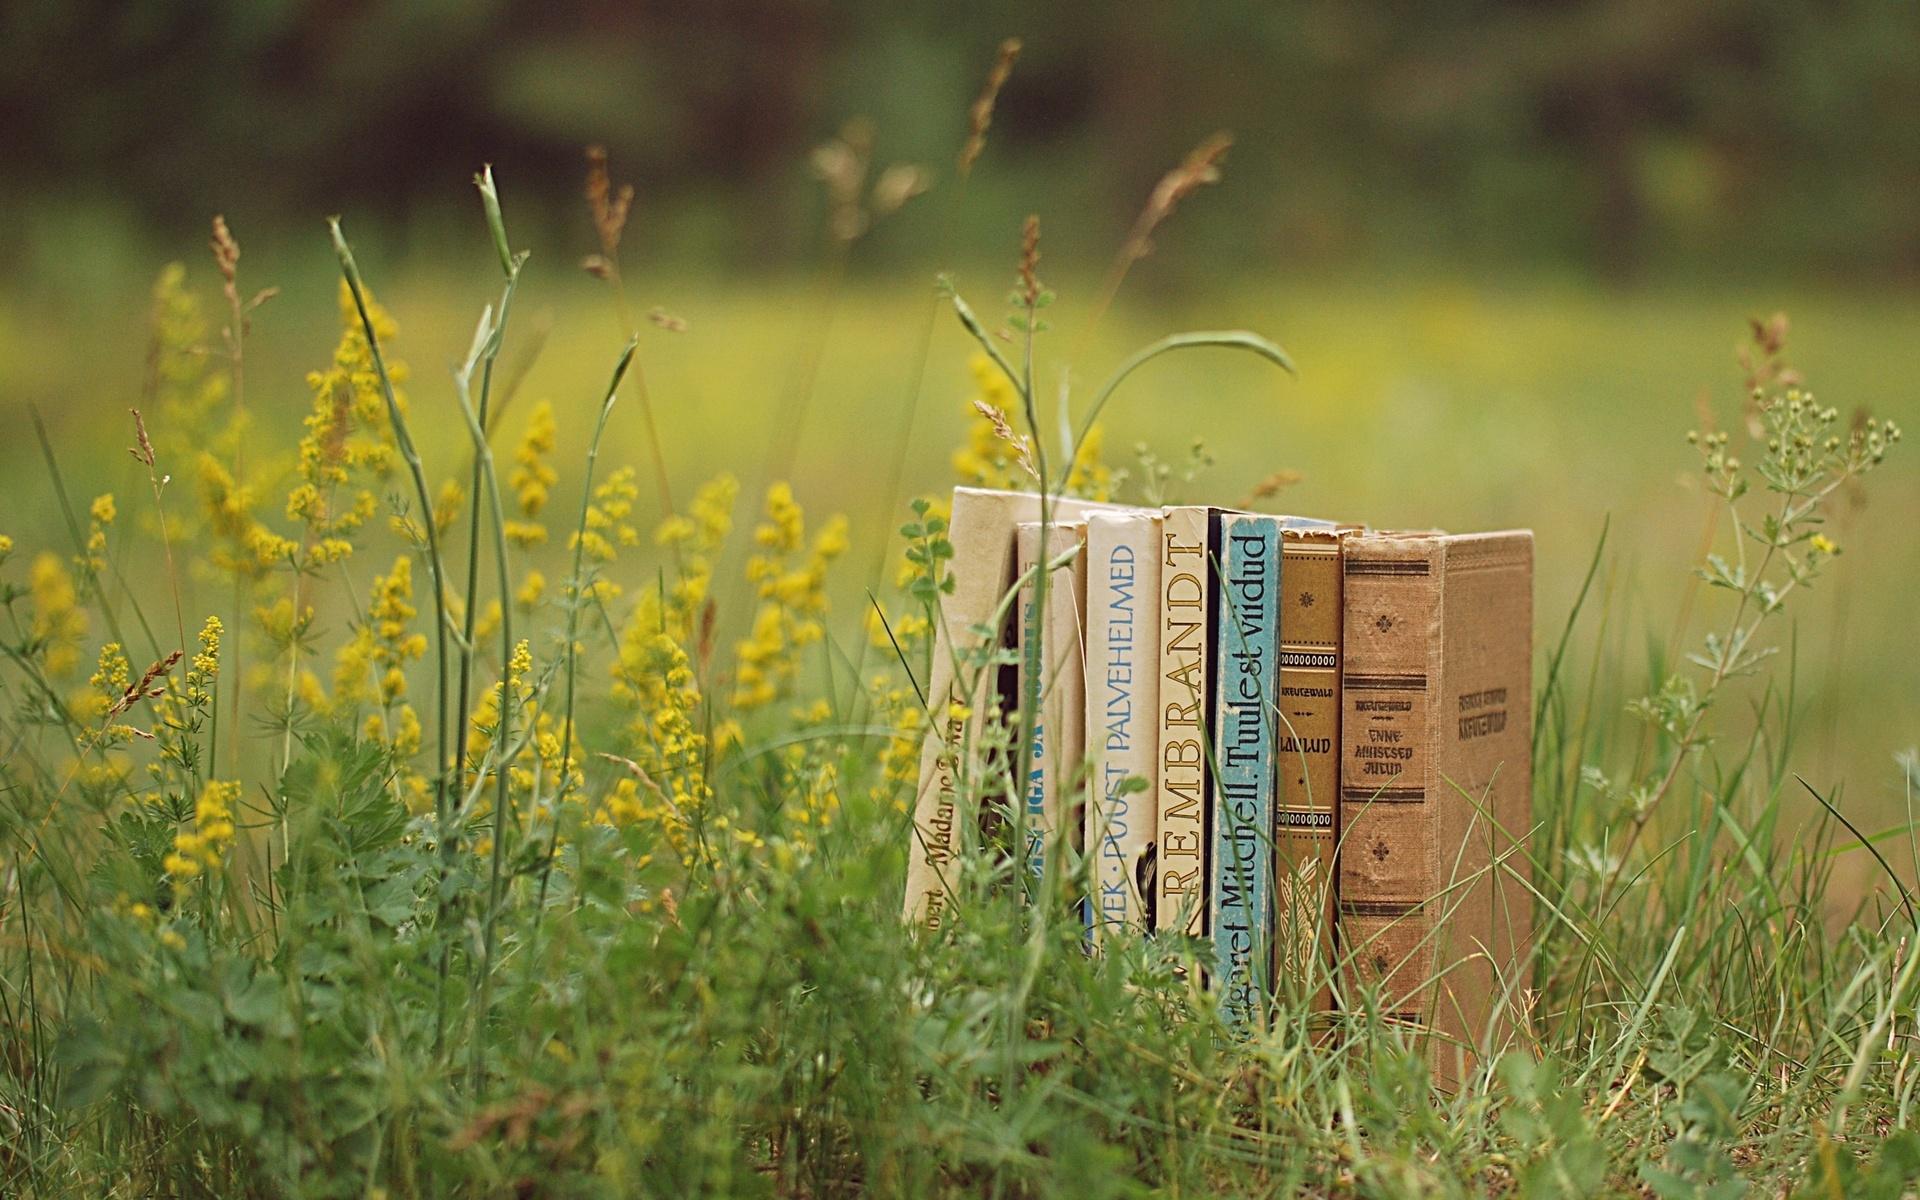 horta e jardim livro : horta e jardim livro:10 Livros para te inspirar a mudar de vida – Jardim do Mundo